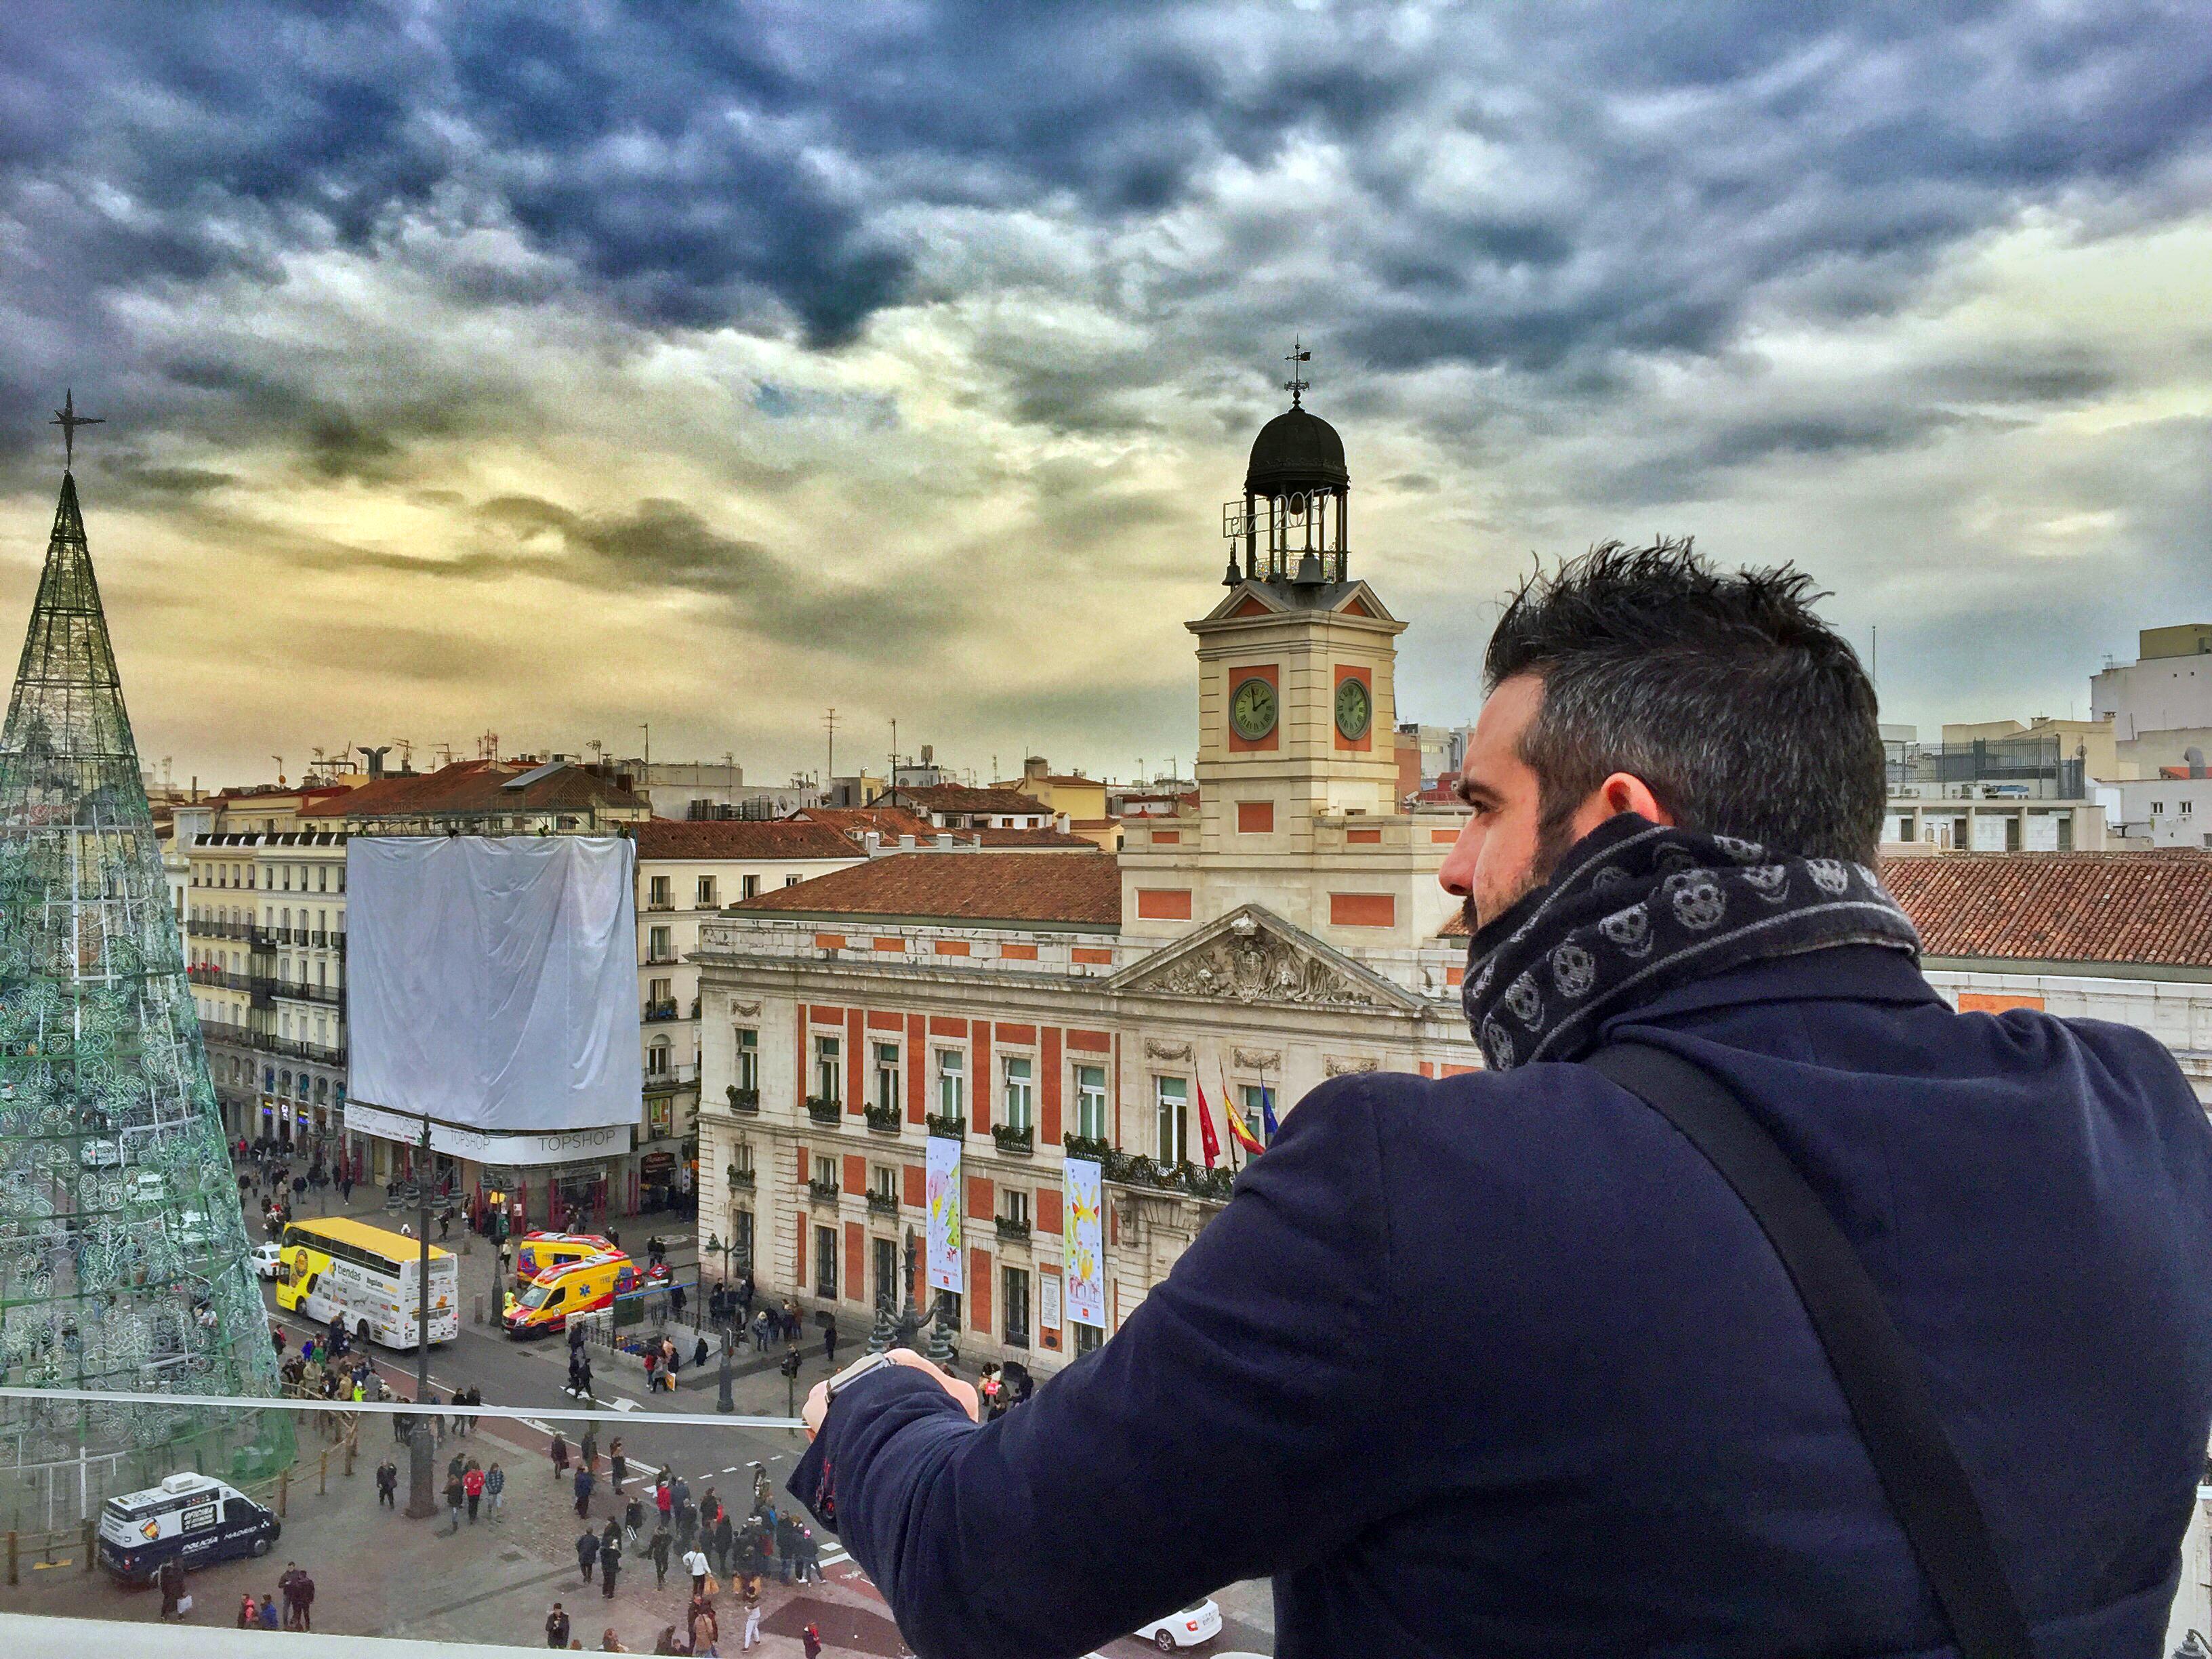 Qué hacer y ver en Madrid en un fin de semana madrid en un fin de semana - 34822842721 7b00133b0c o - Qué hacer y ver en Madrid en un fin de semana